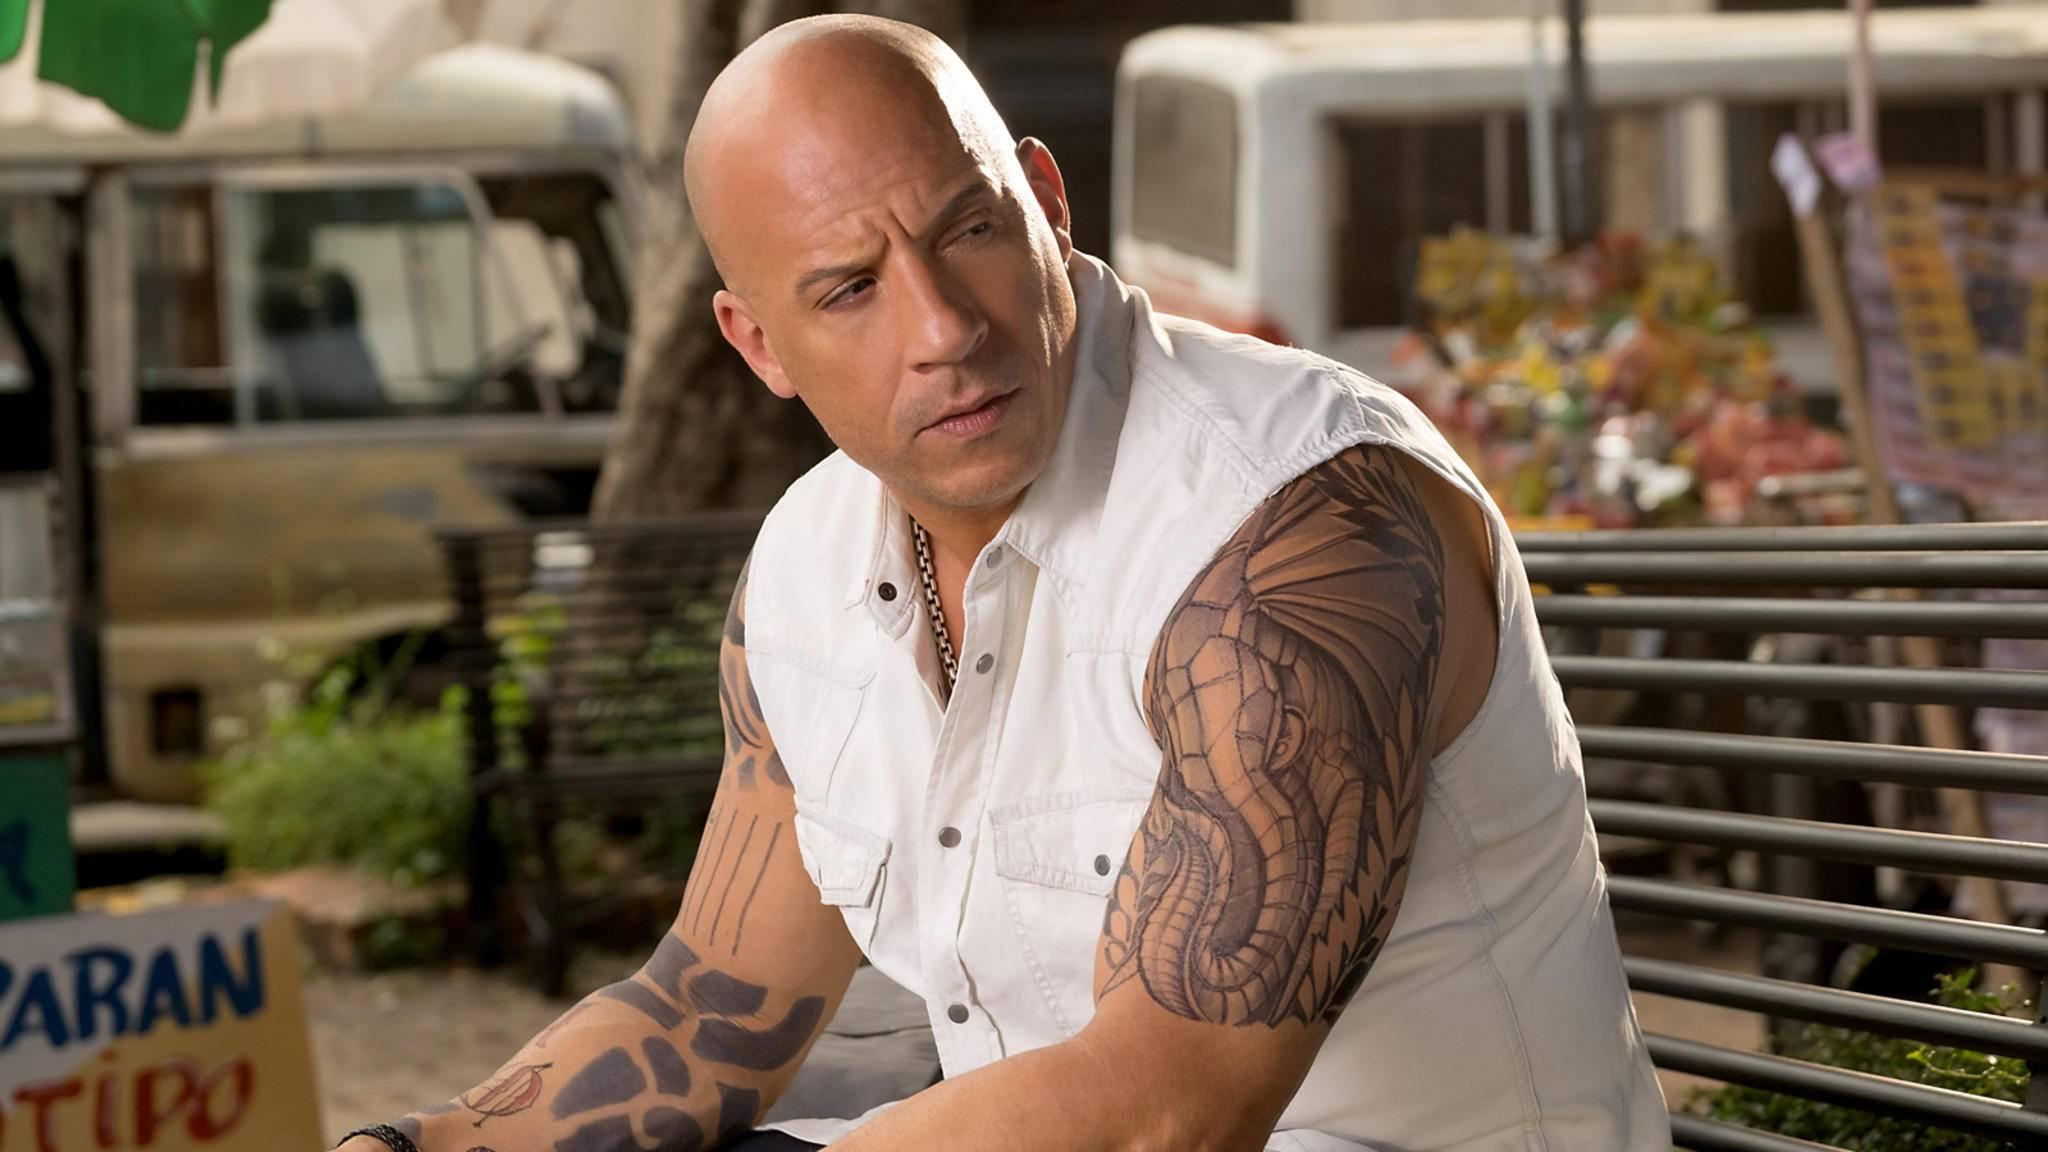 Jetzt ist es raus: Xander Cage (Vin Diesel) stürmt ein viertes Mal die Leinwand.